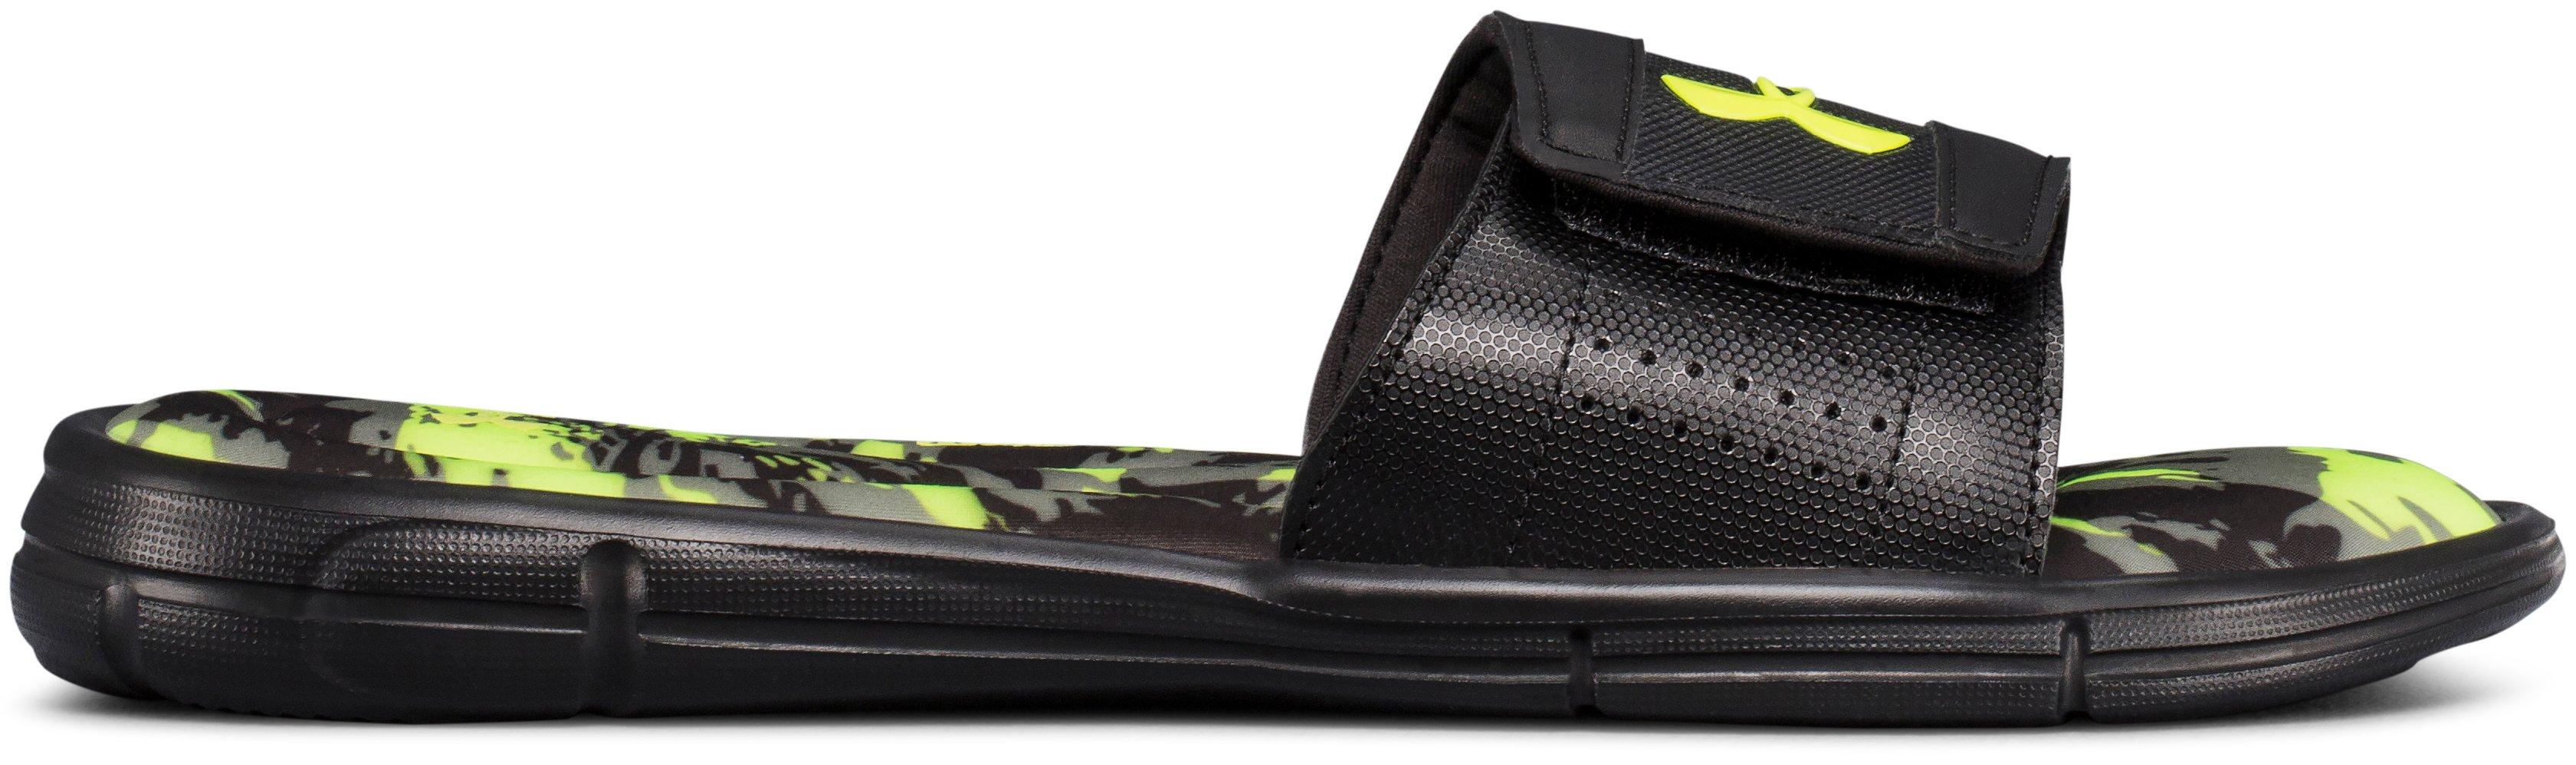 Under Armour Ignite Breaker V ... Men's Slide Sandals